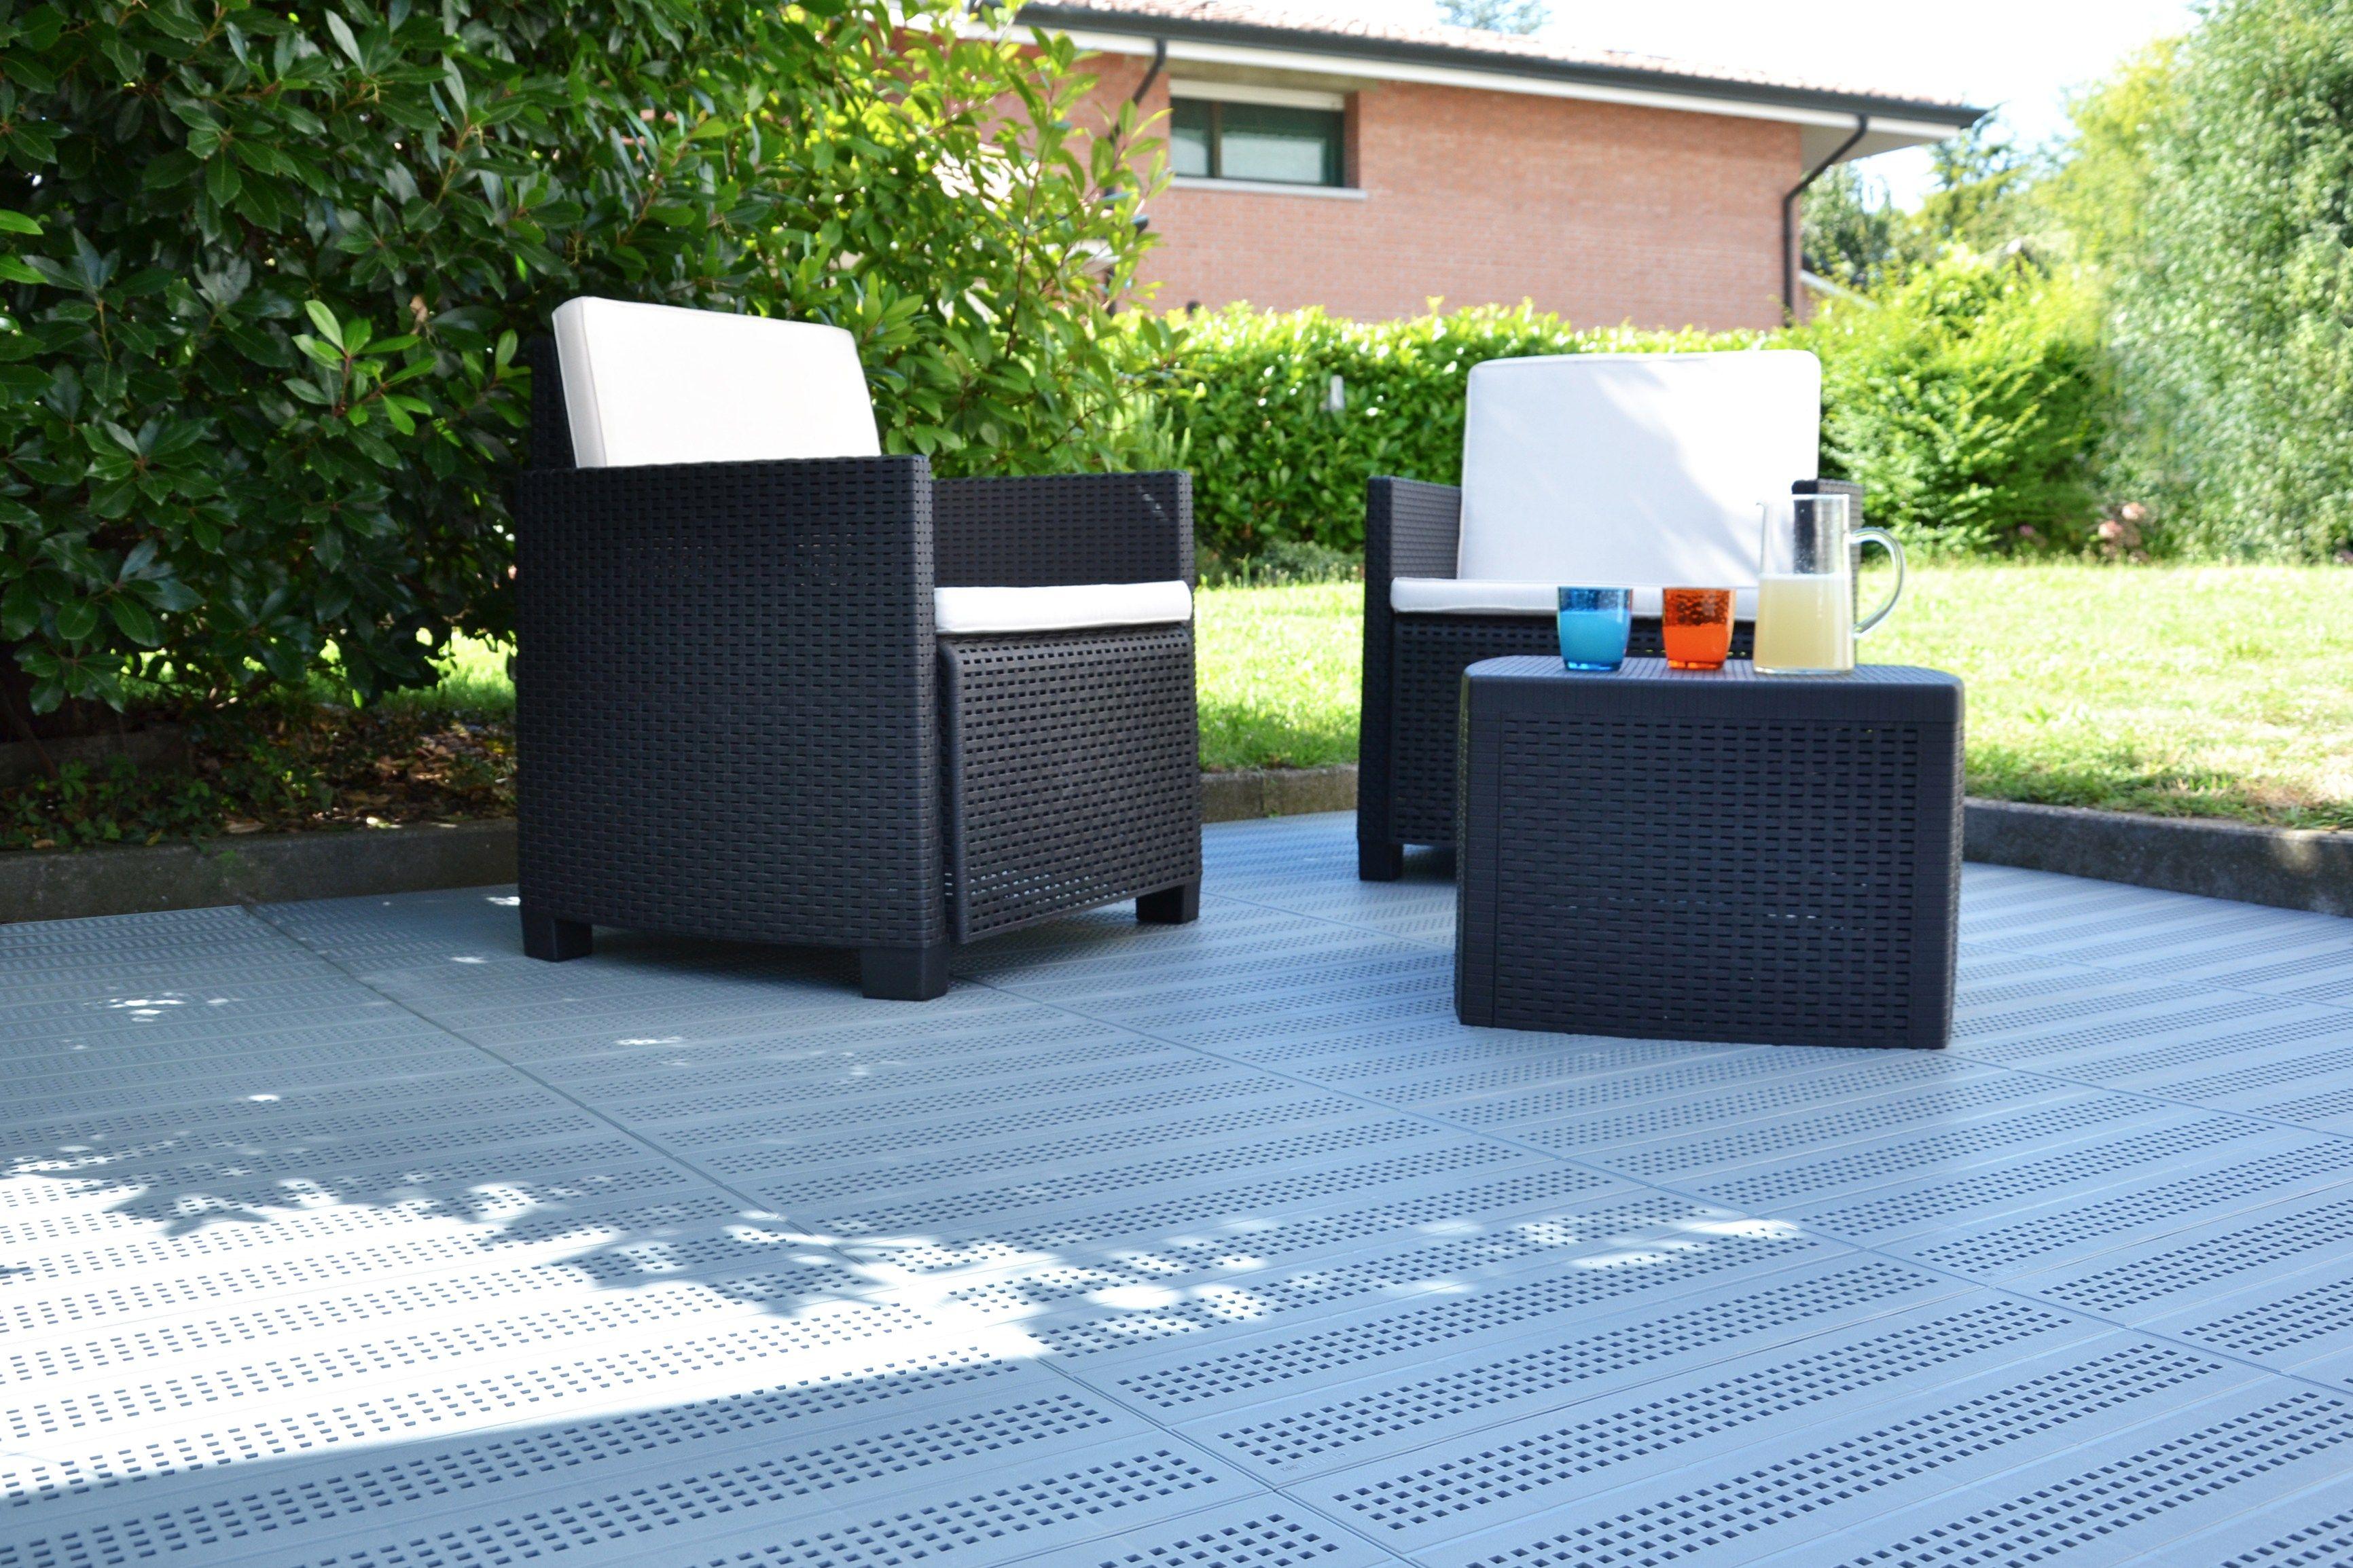 Pavimento per esterni in plastica piastrella by pontarolo for Pavimento da giardino